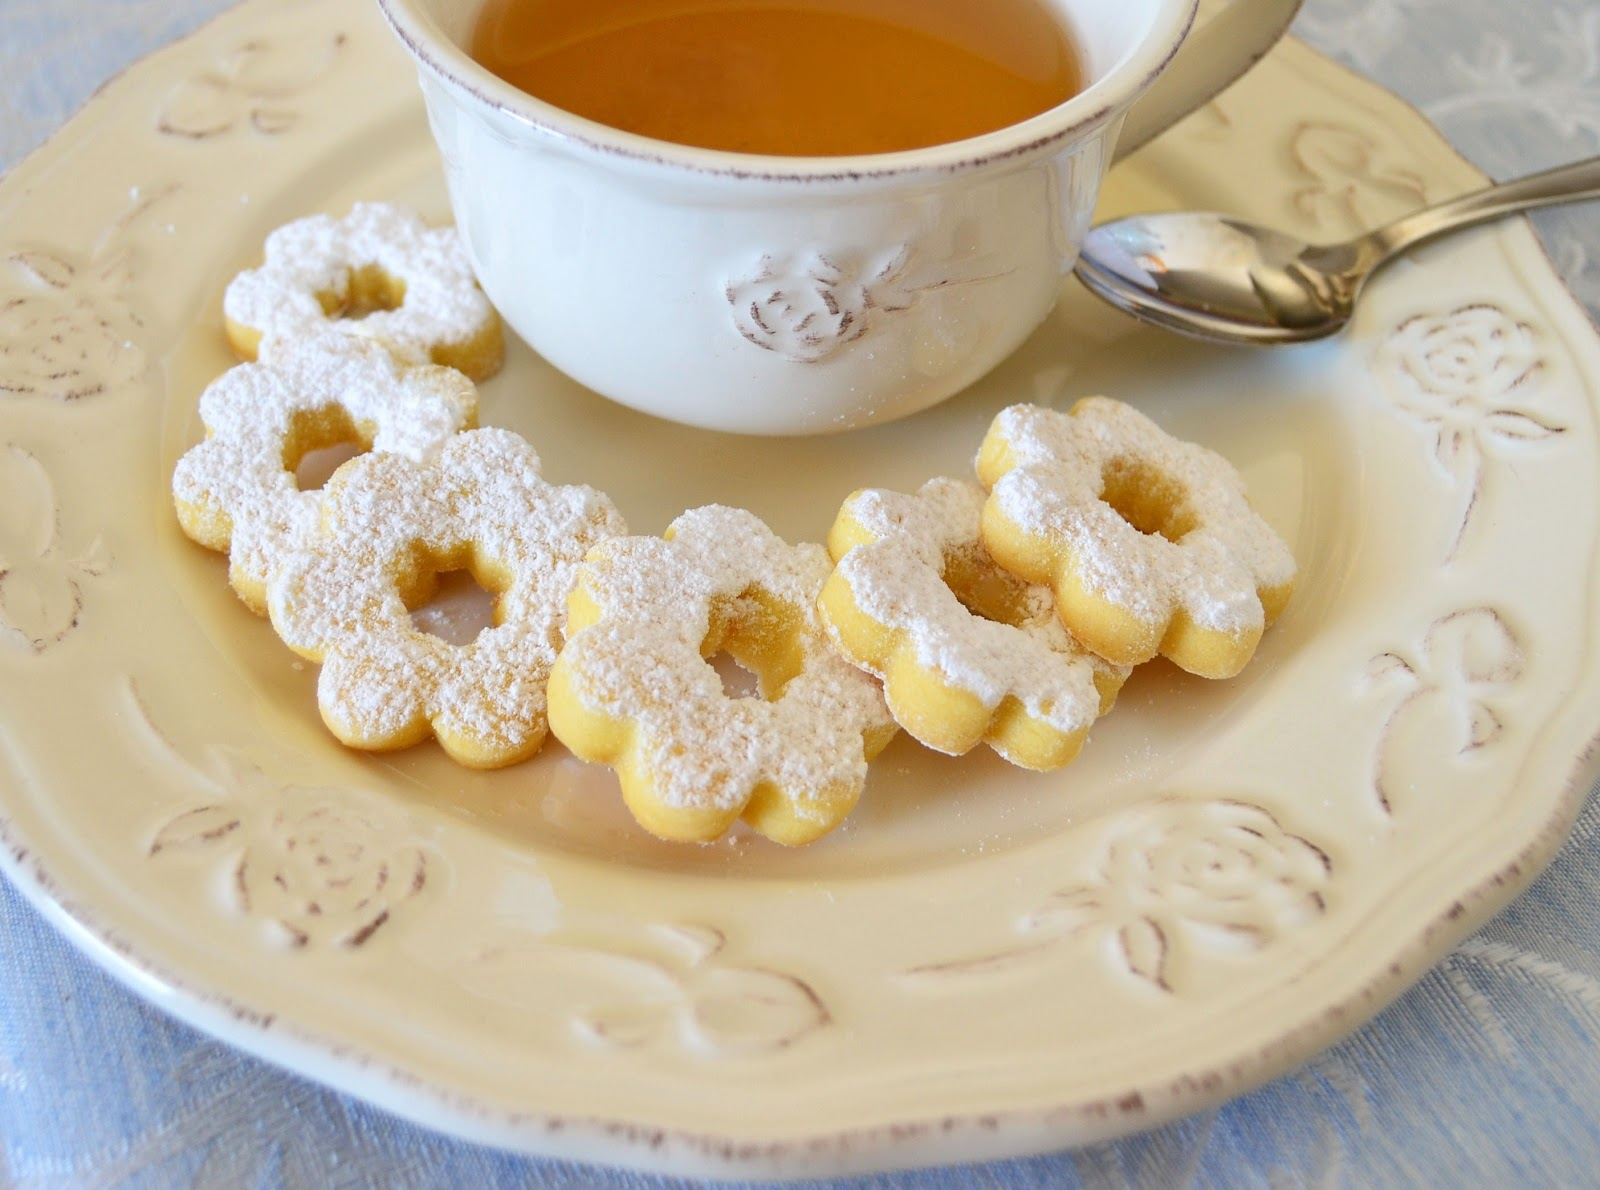 Ricette Segrete Cake Design : Canestrelli   Happy Cakes To You - Ricette di dolci ...